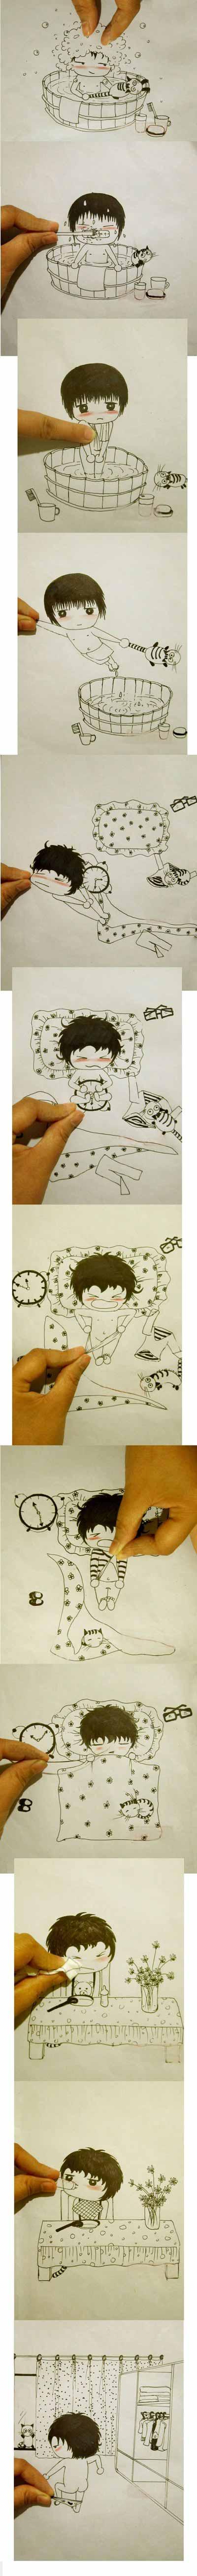 Vẽ tranh ChiBi miêu tả sinh hoạt hằng ngày Dễ thương cực http://xapxinh.com/pictures/z/0/1/moi-nhat